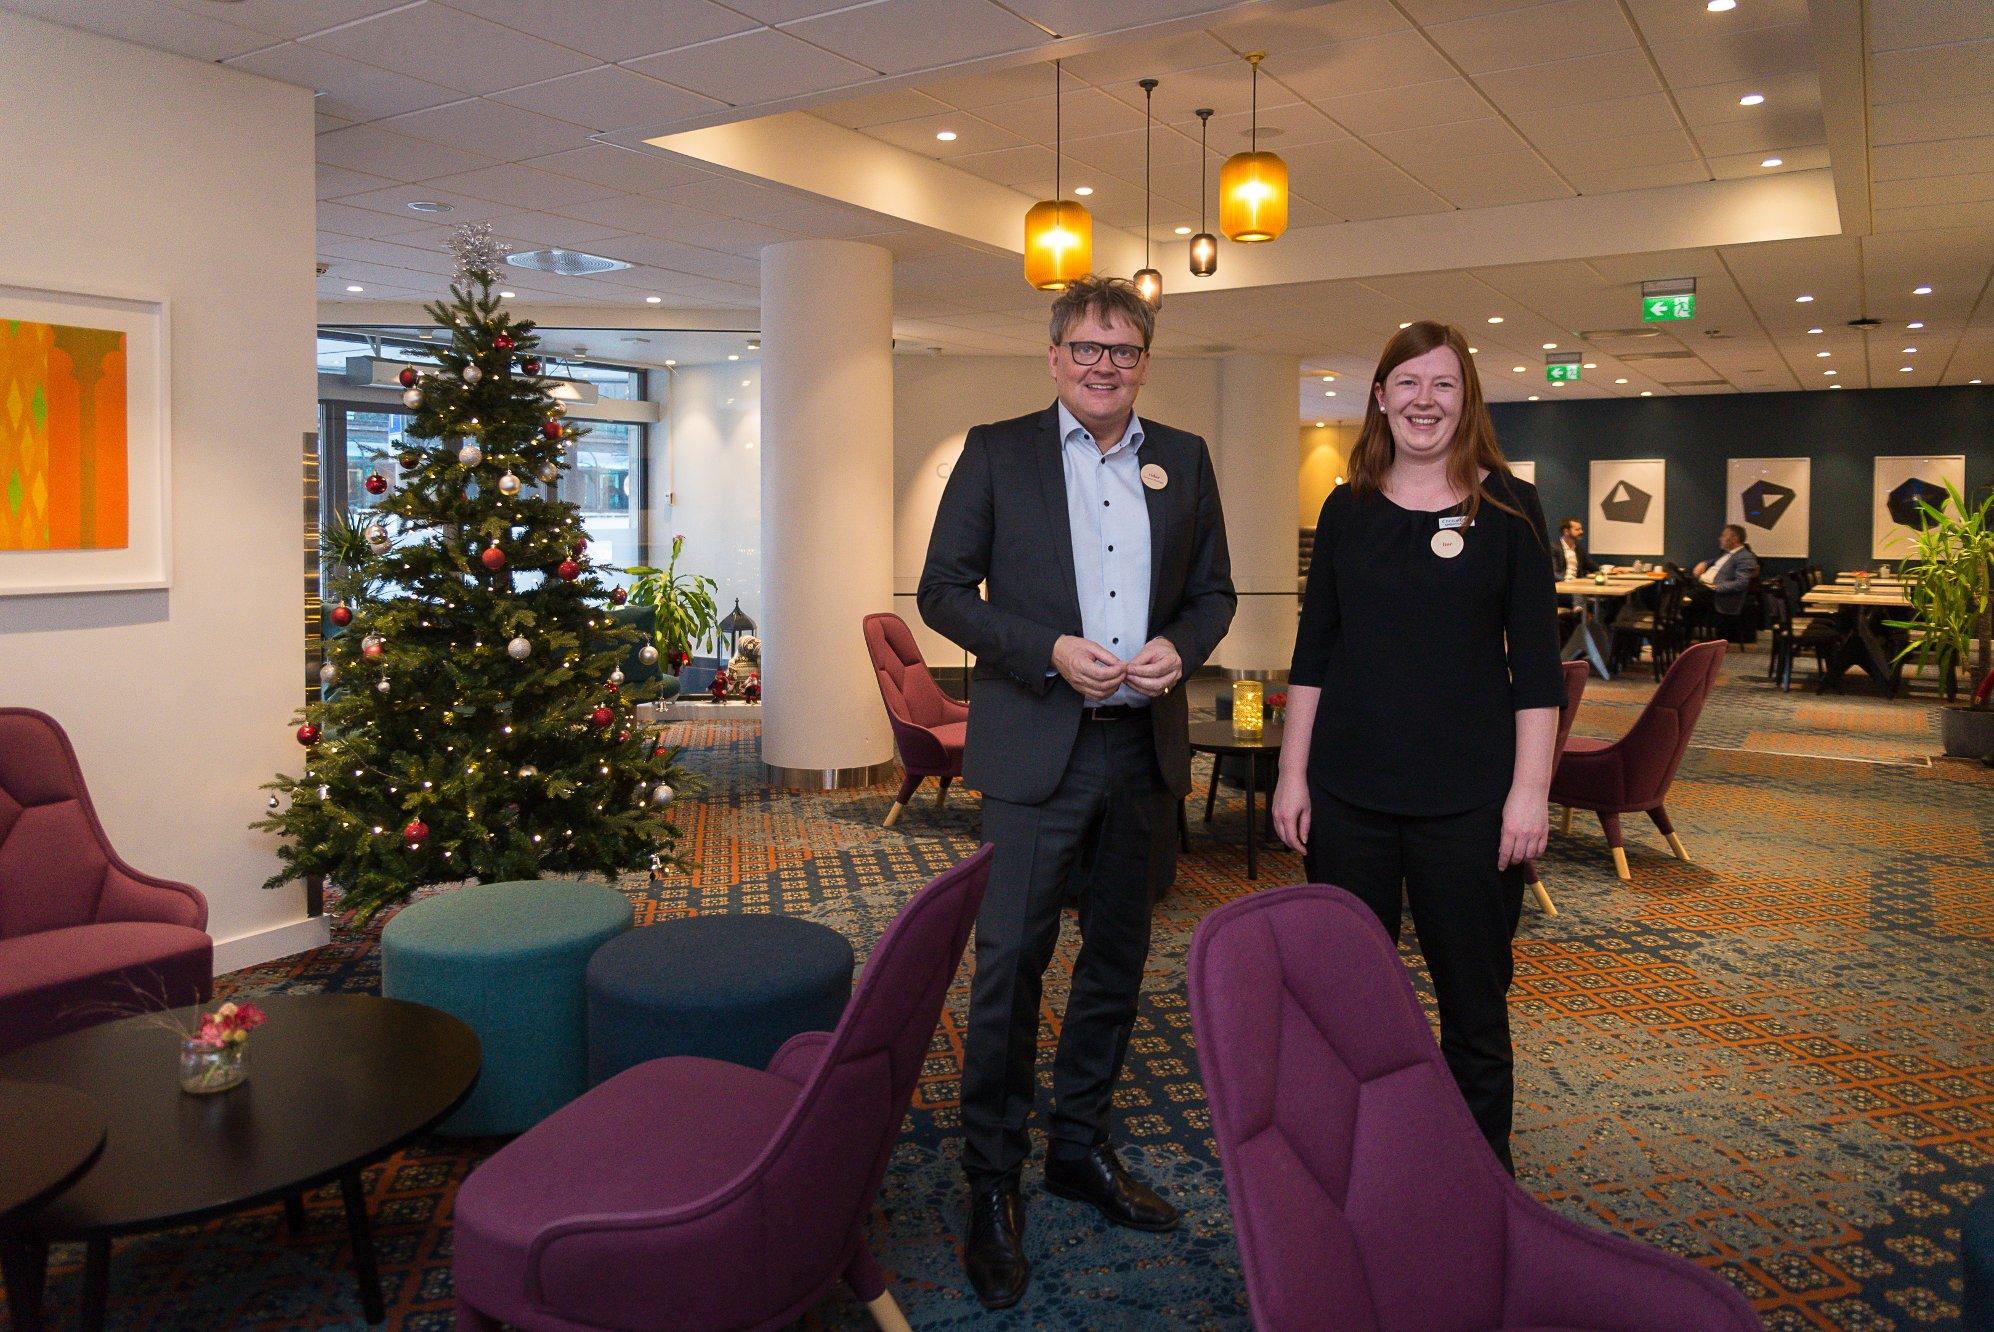 Astoria utvider hotellet og satser på mer hygge